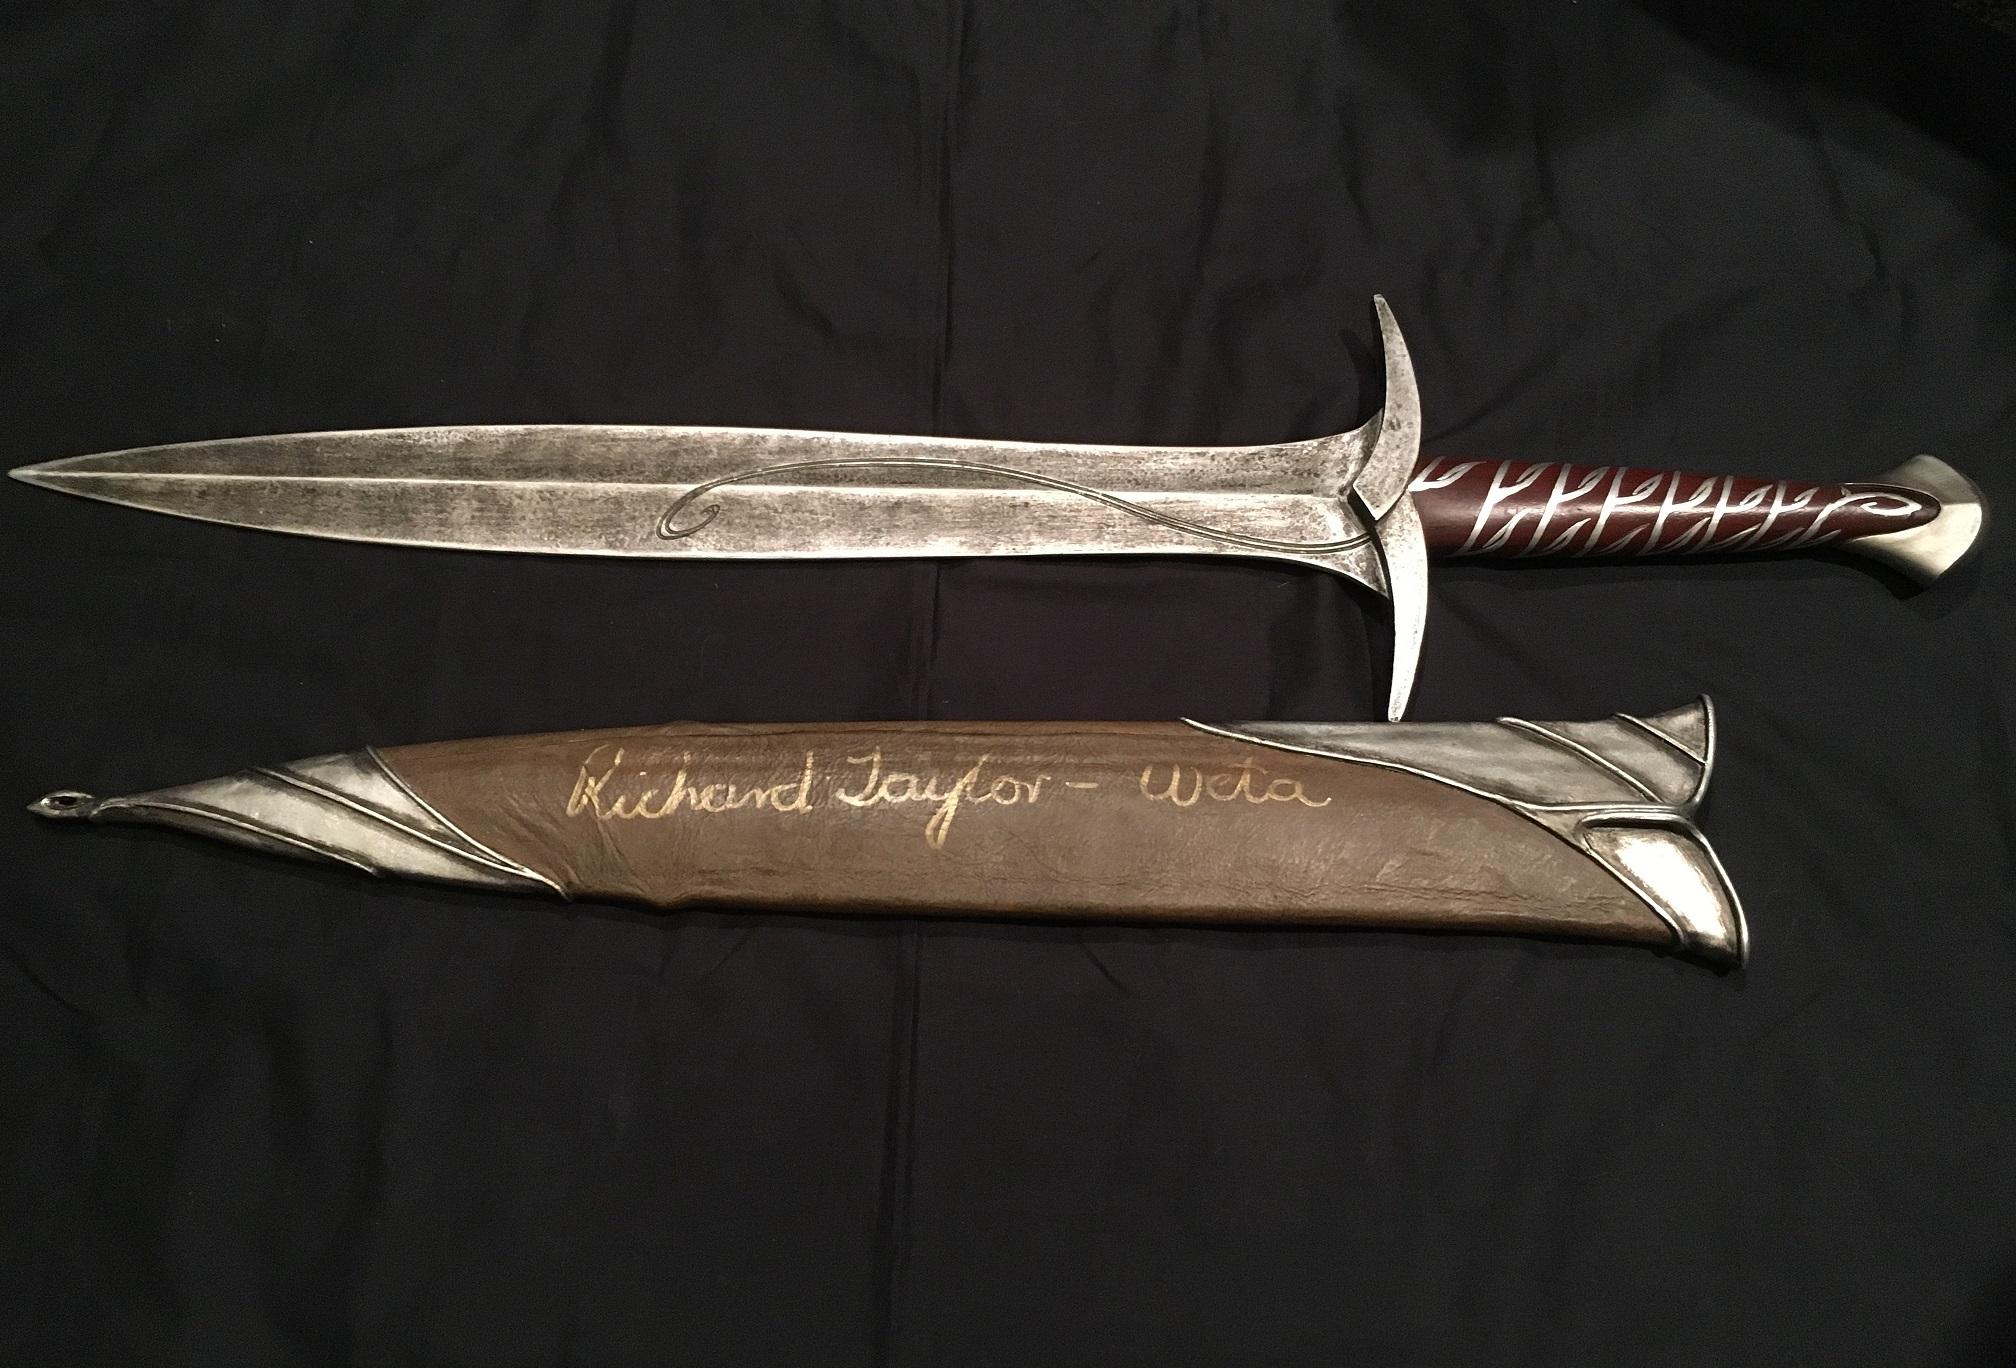 ホビット 思いがけない冒険 ビルボ・バギンズの剣 スティング ソード レプリカ リチャード・テイラー氏 サイン入り